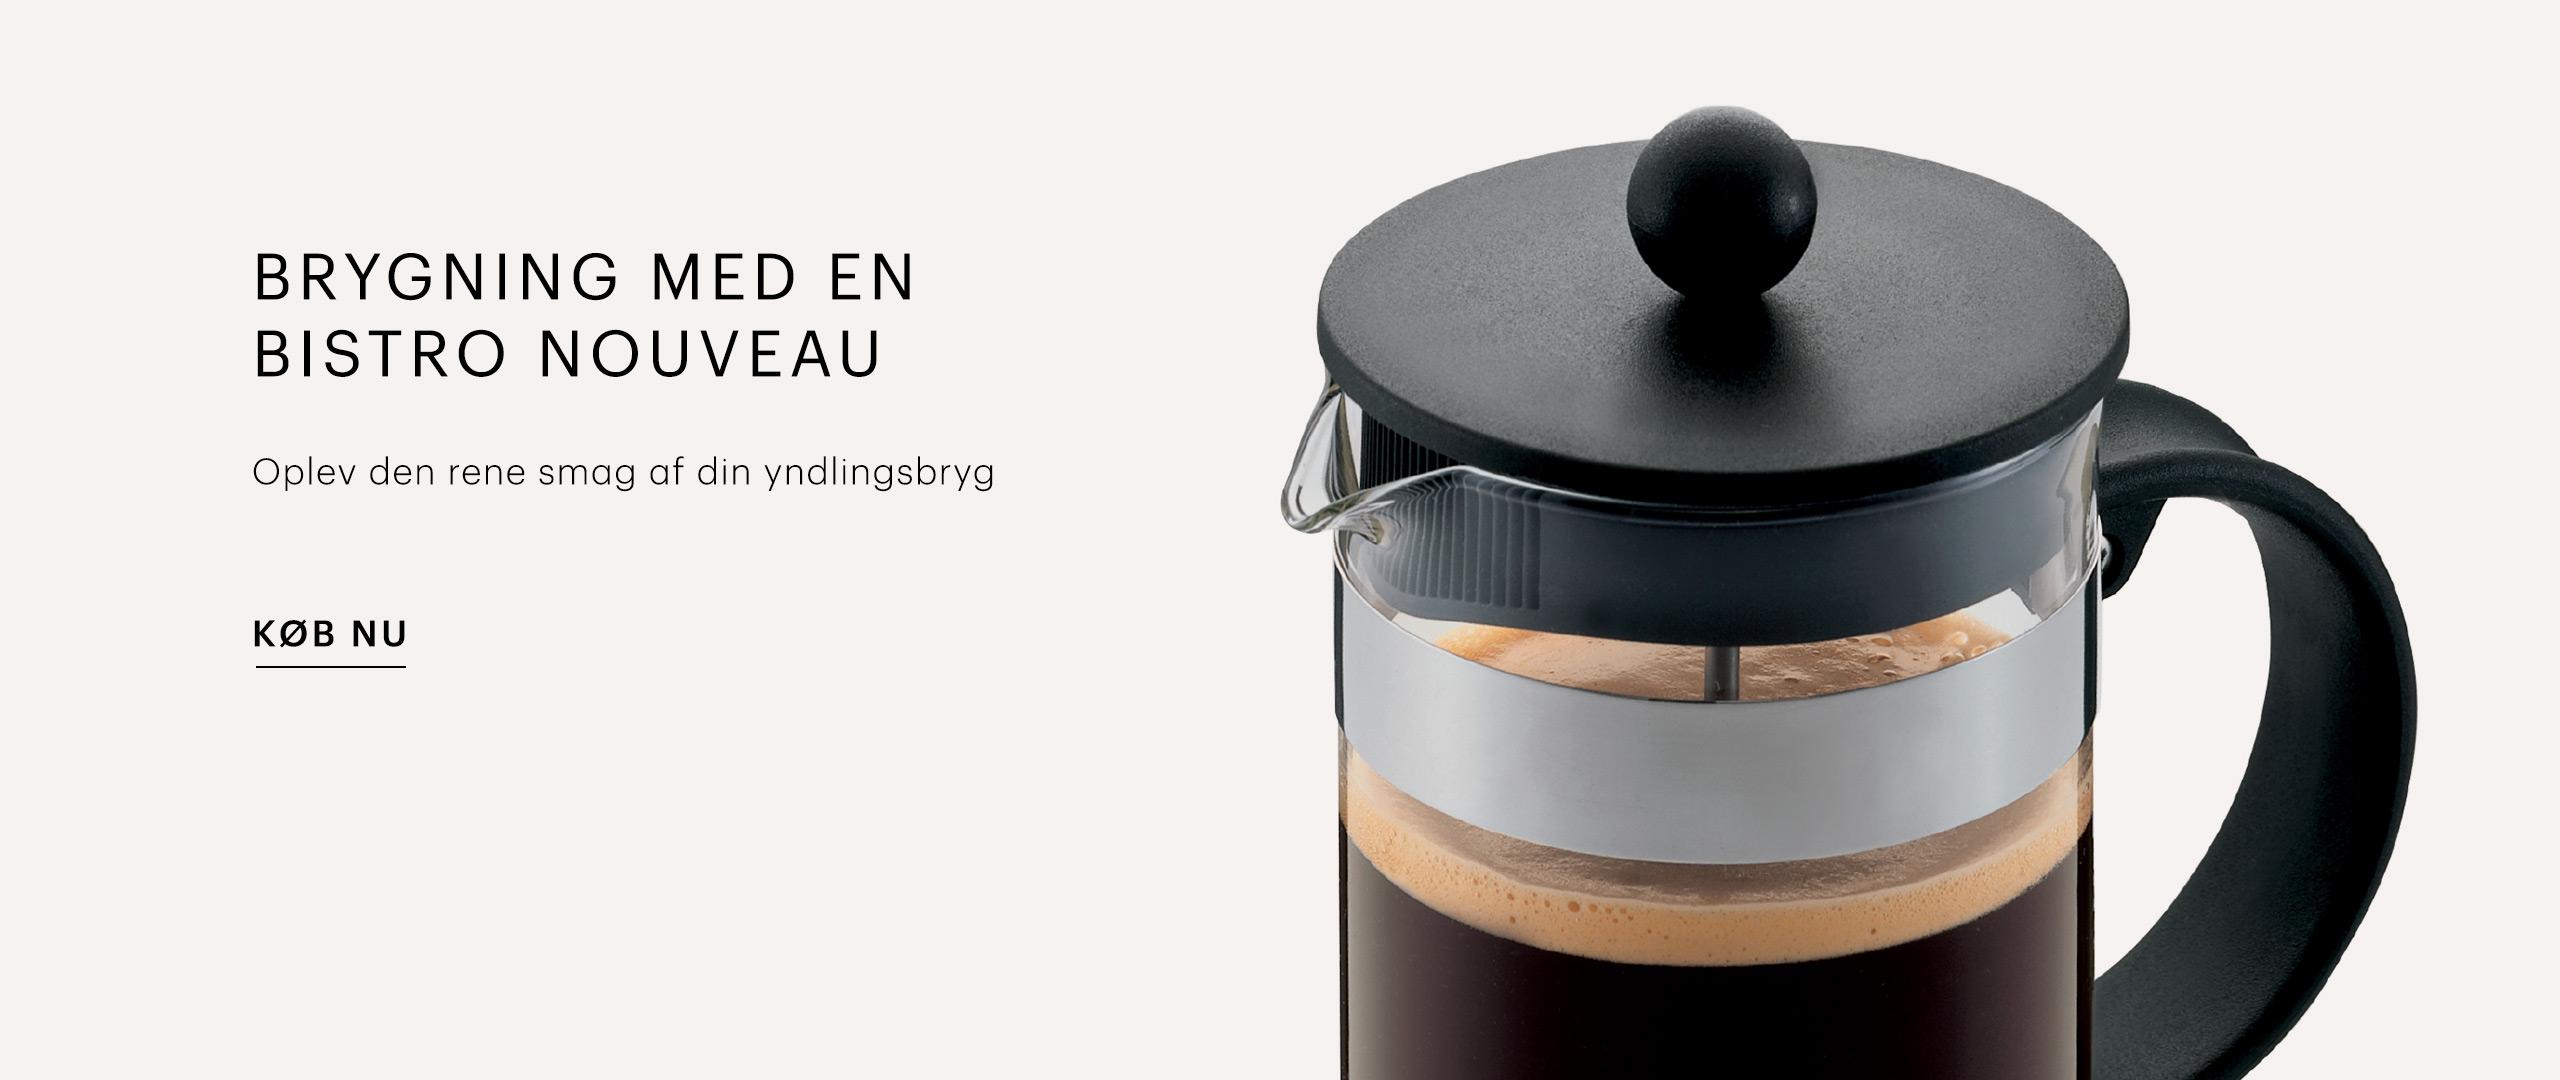 BEU - Flash Bistro Nouveau DK